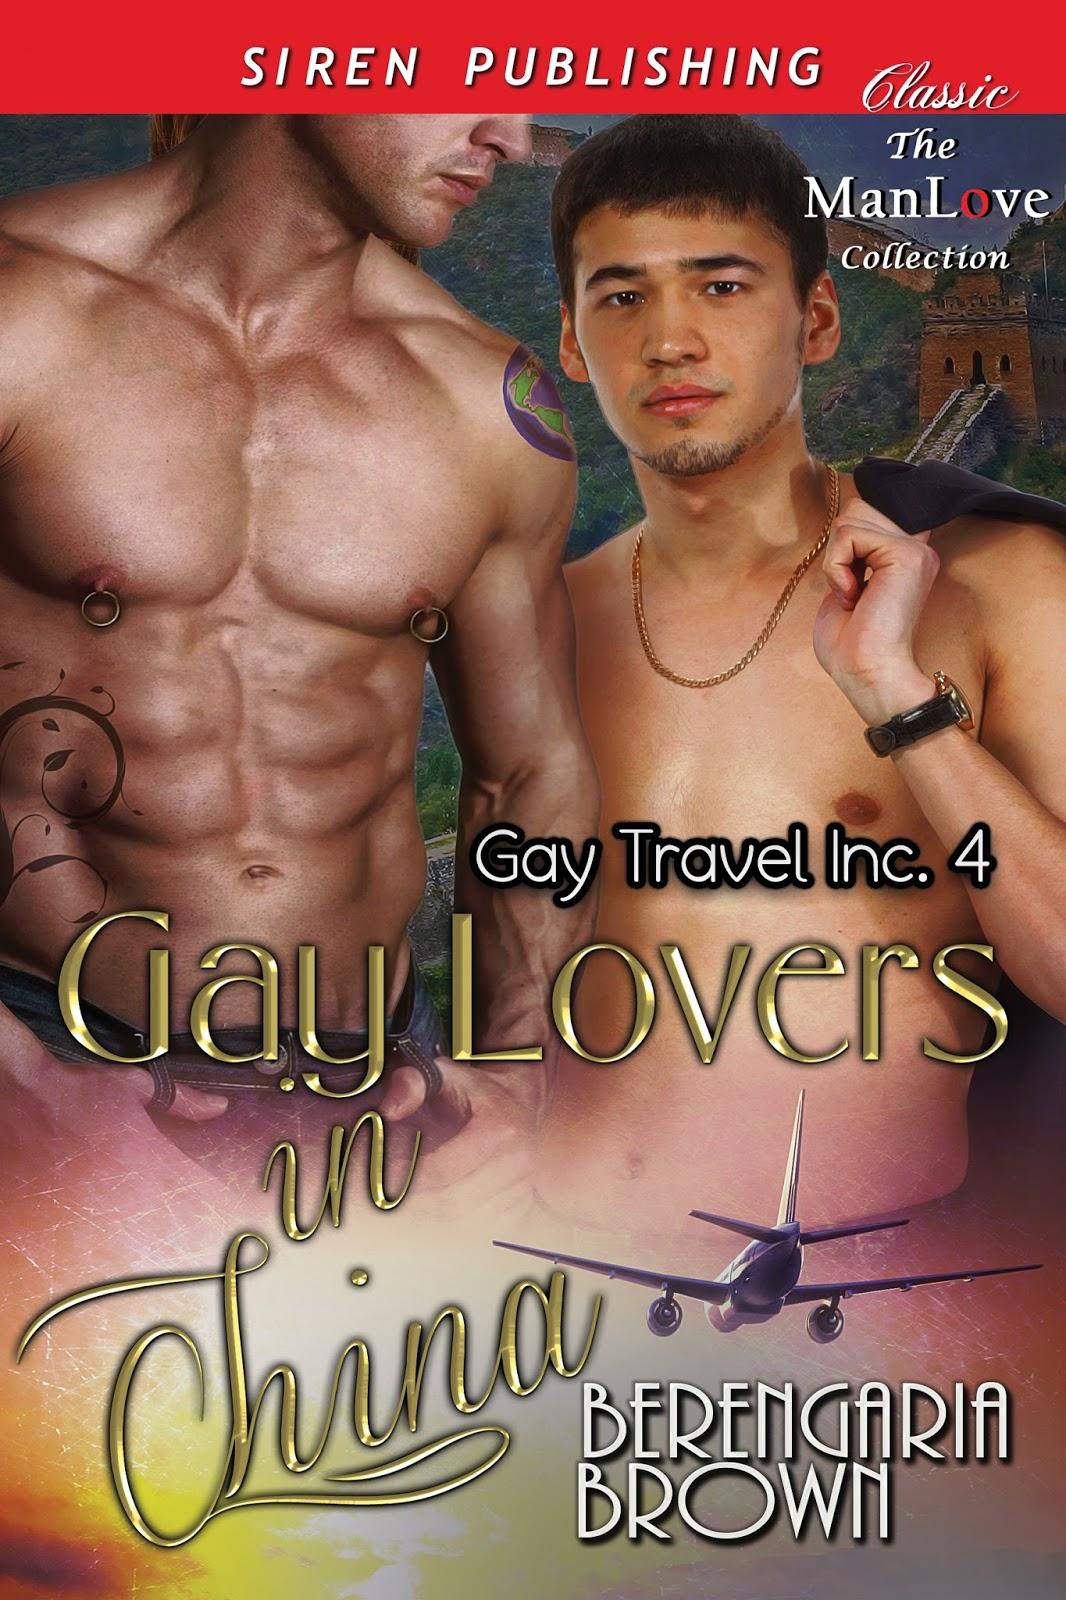 Действительно гей книги смотреть!! можем